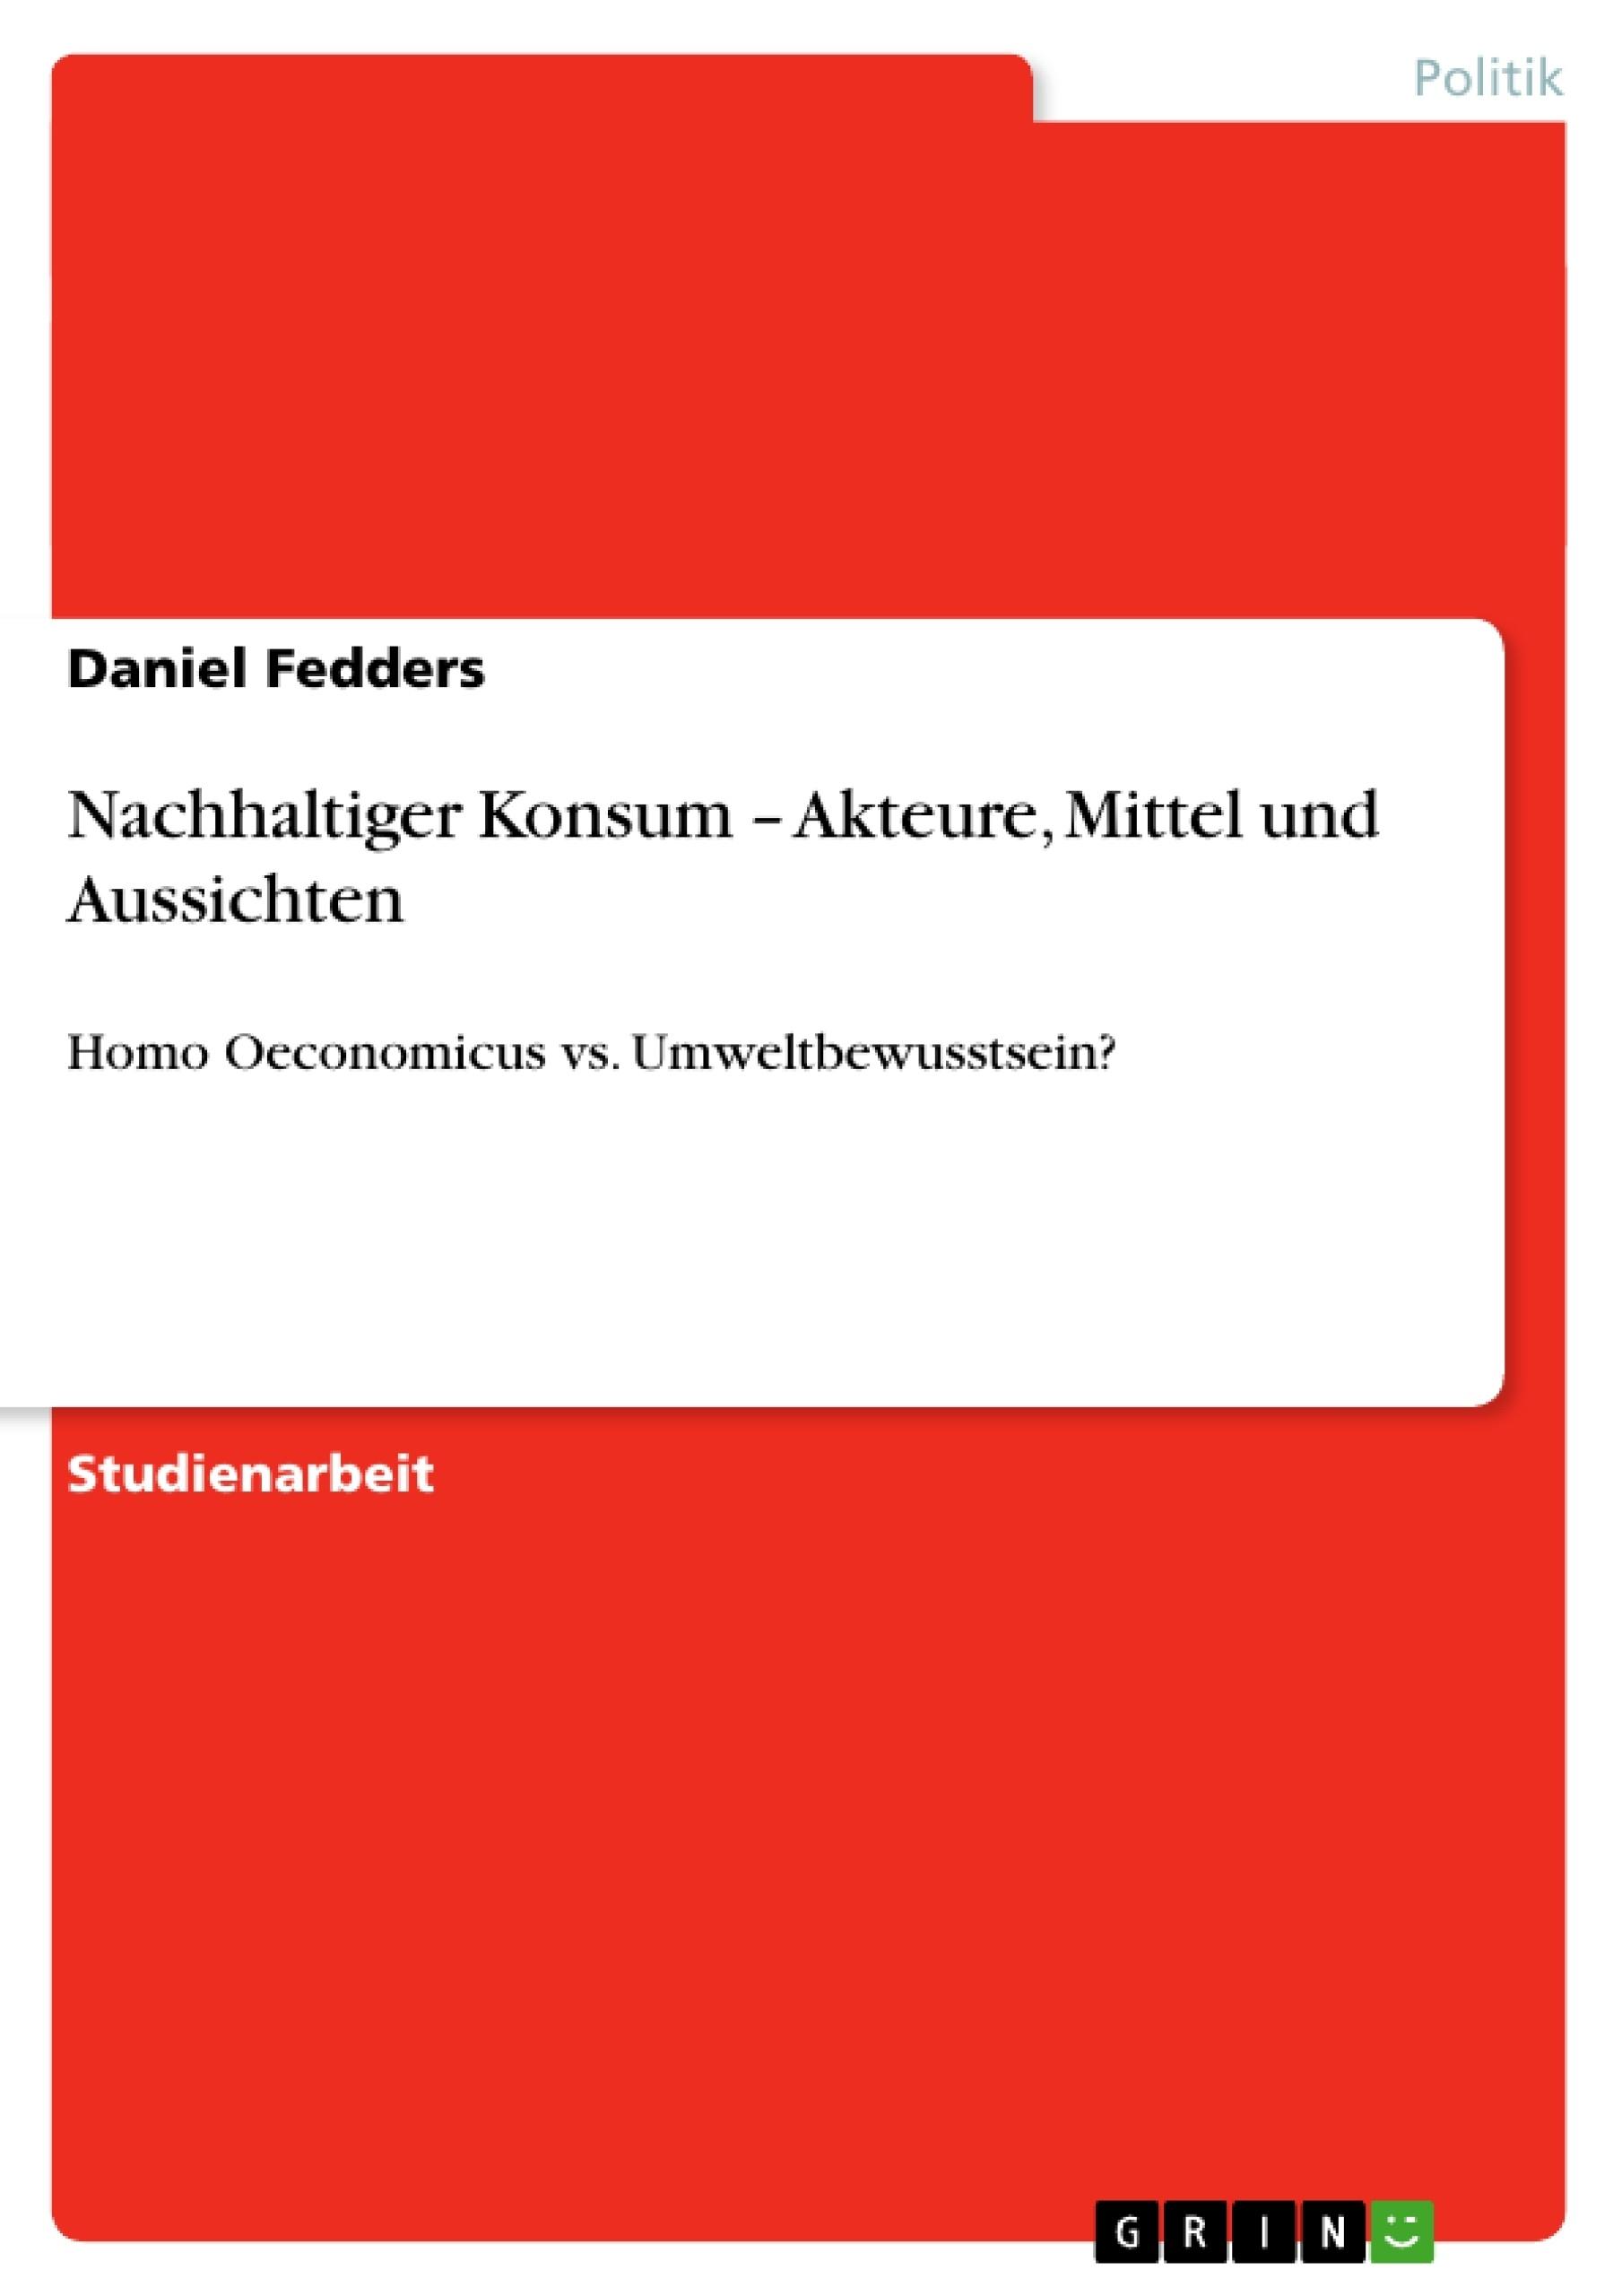 Titel: Nachhaltiger Konsum – Akteure, Mittel und Aussichten